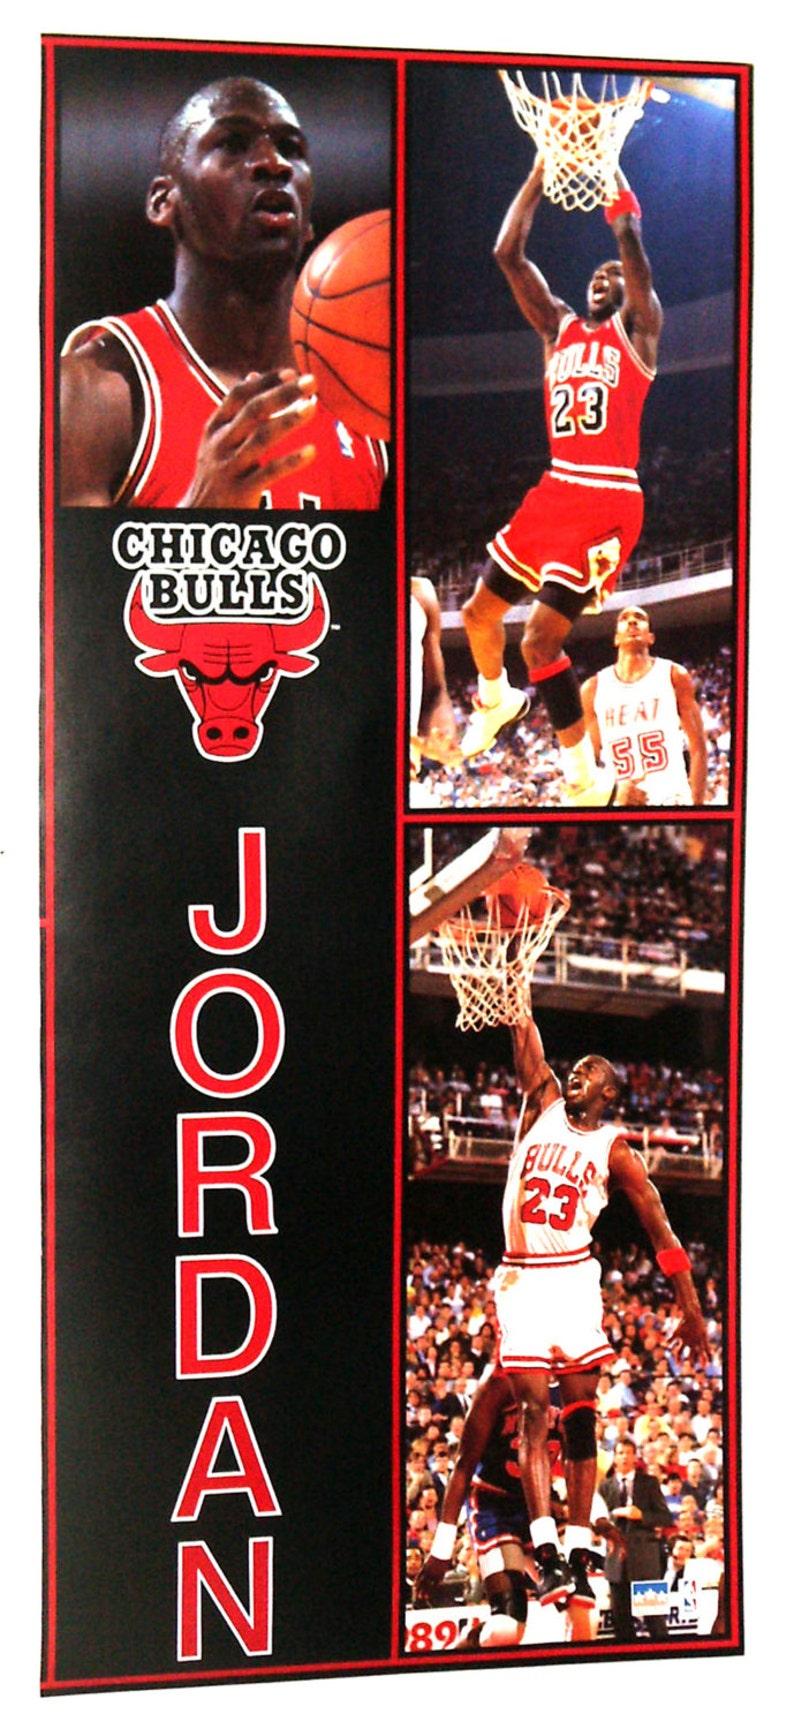 bas prix 036f1 3f831 MICHAEL JORDAN porte affiche de taille du début des années 90 Chicago Bulls  NBA Vintage et Rare !!